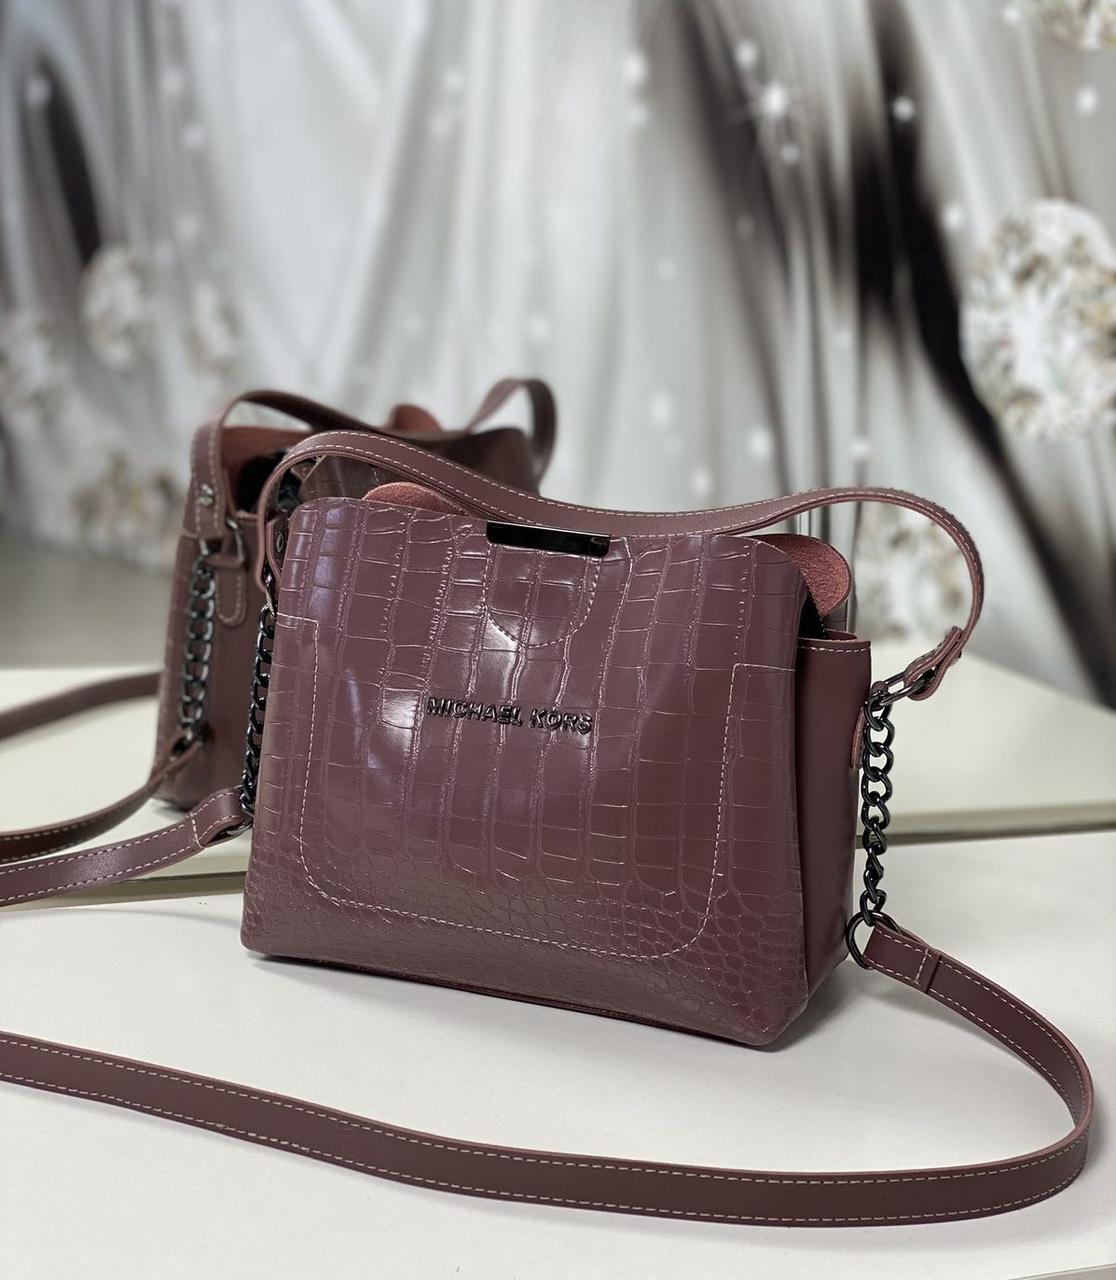 Женская сумка через плечо кроссбоди сумочка лиловая под рептилию экокожа